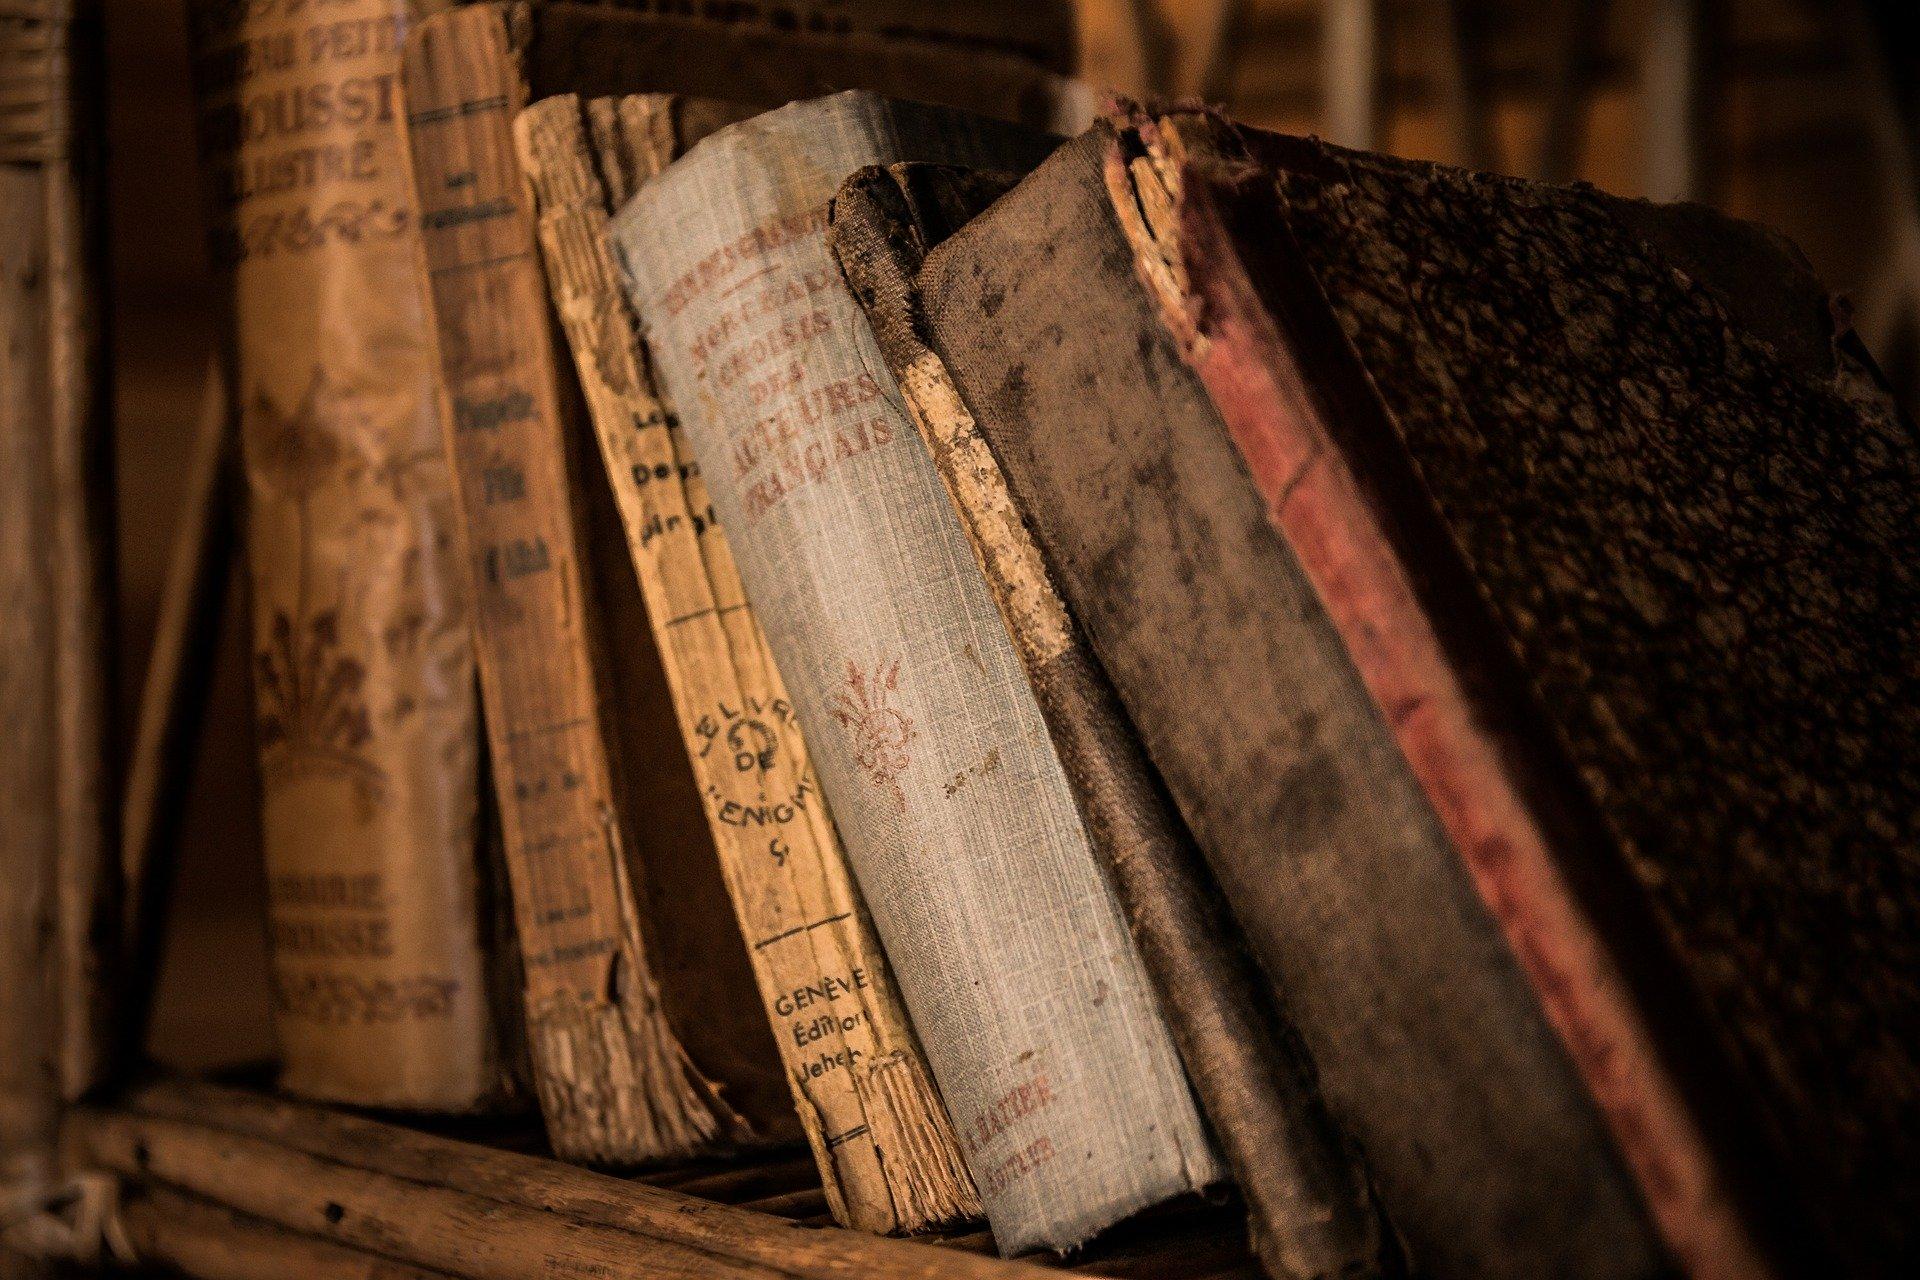 Procuraduría invita a donar libros para bibliotecas de centros penitenciarios